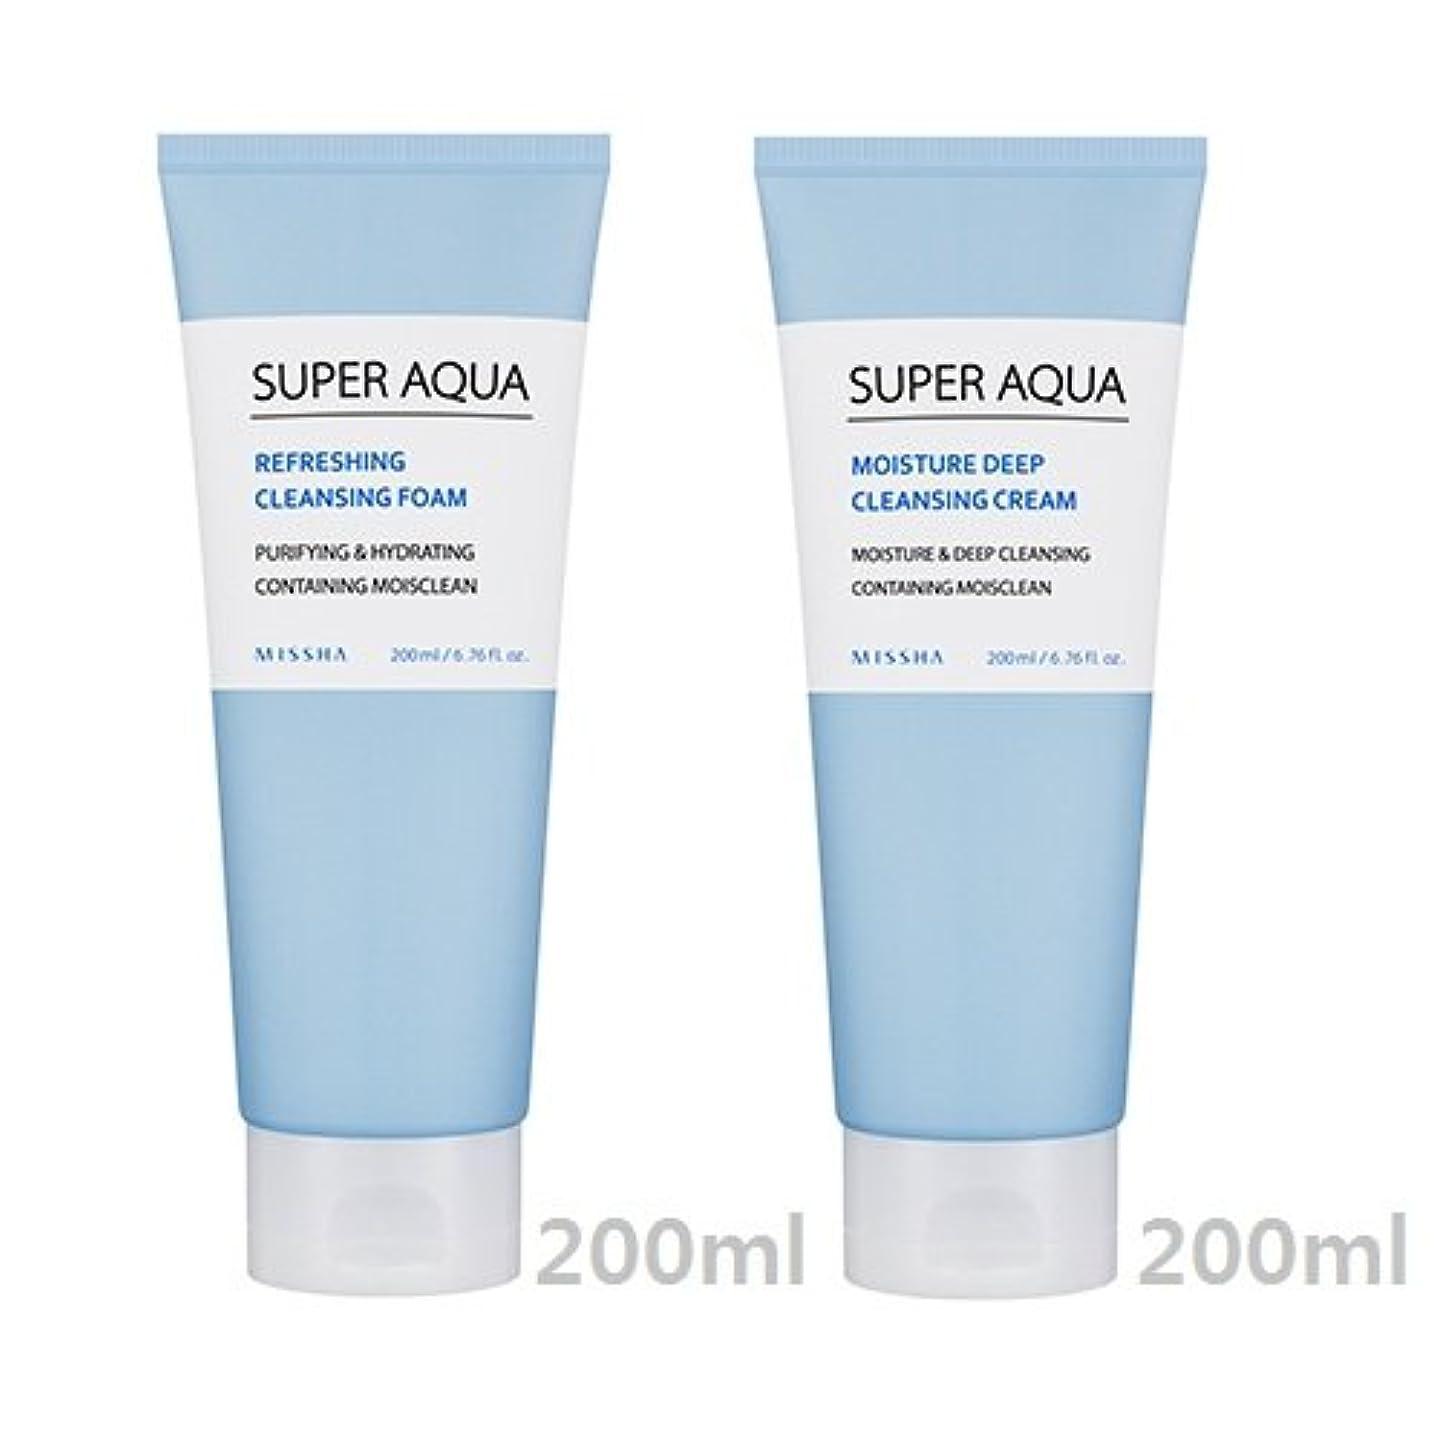 死んでいる乳ストレス[1+1] MISSHA Super Aqua Cleansing Cream + Foam/ミシャ スーパー アクア クレンジング クリーム + フォーム [並行輸入品]